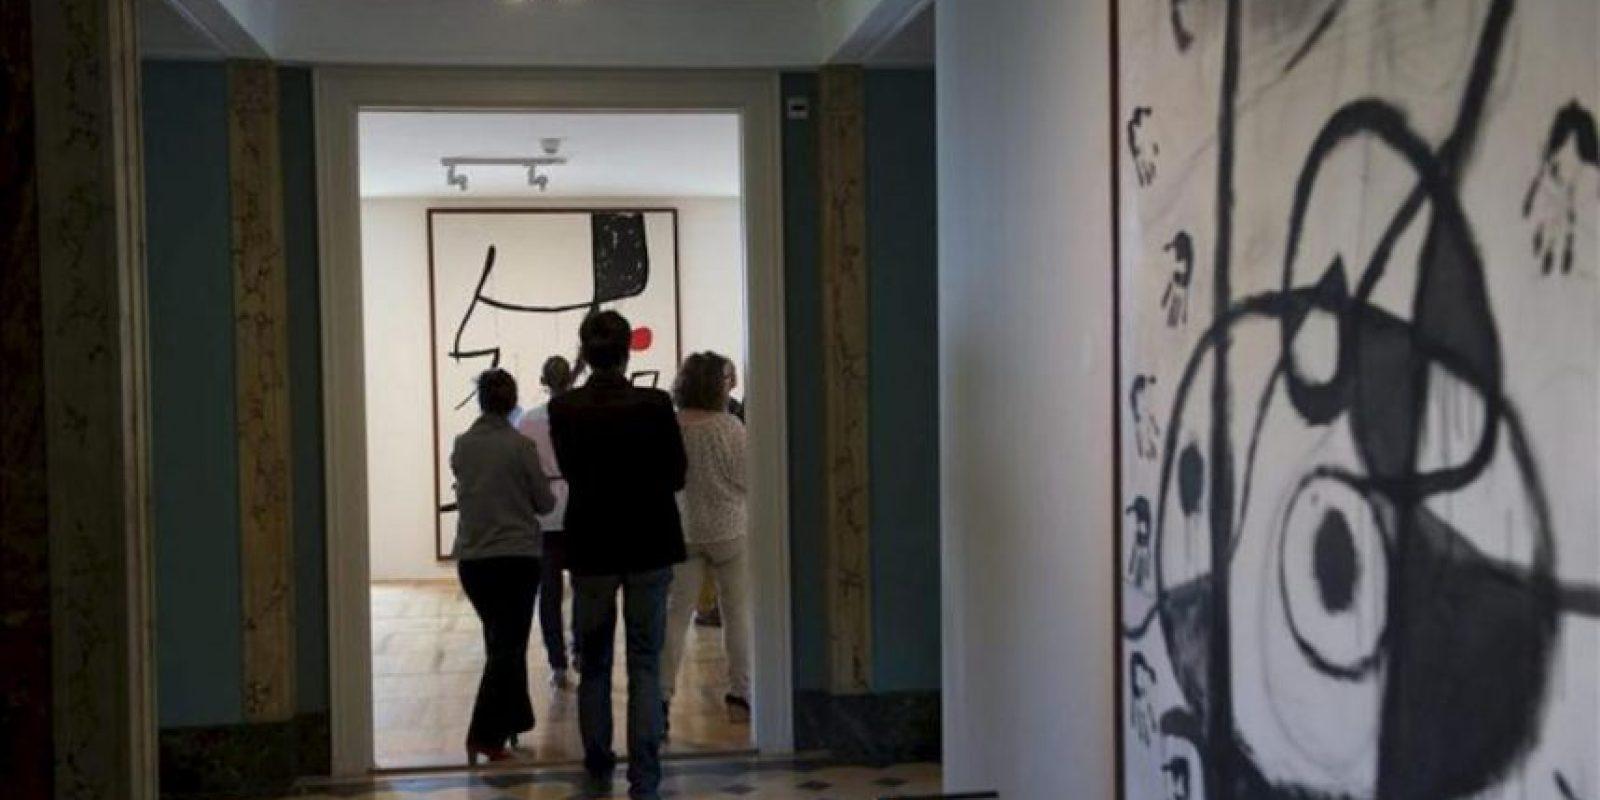 """Varias personas asistieron ayer a la presentación para la prensa de la exposición """"Miró, Poésie et lumière"""" (Miró. Poesía y luz) en Lausana, Suiza. EFE"""